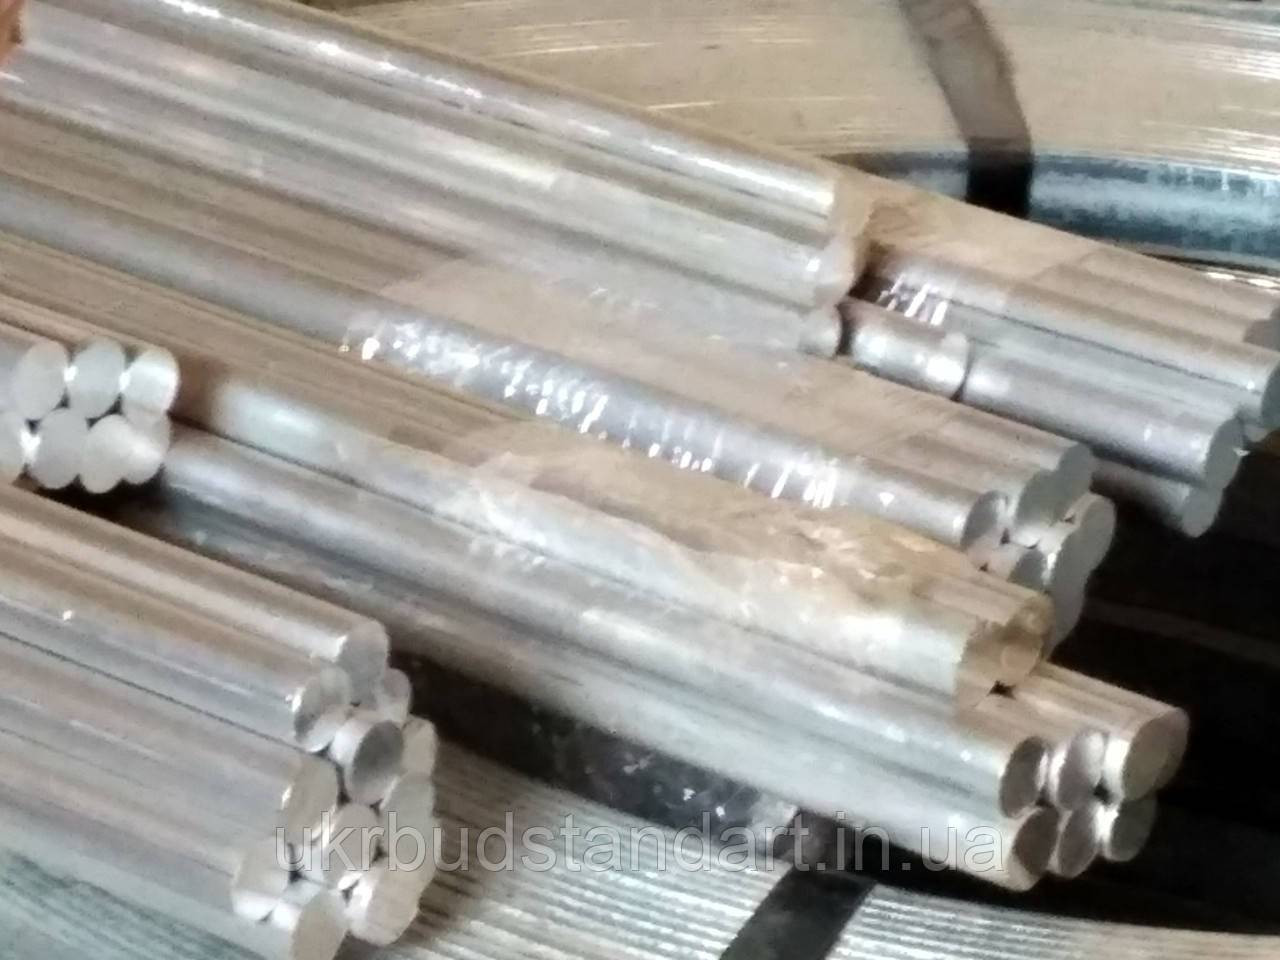 Пруток алюминиевый ф 16